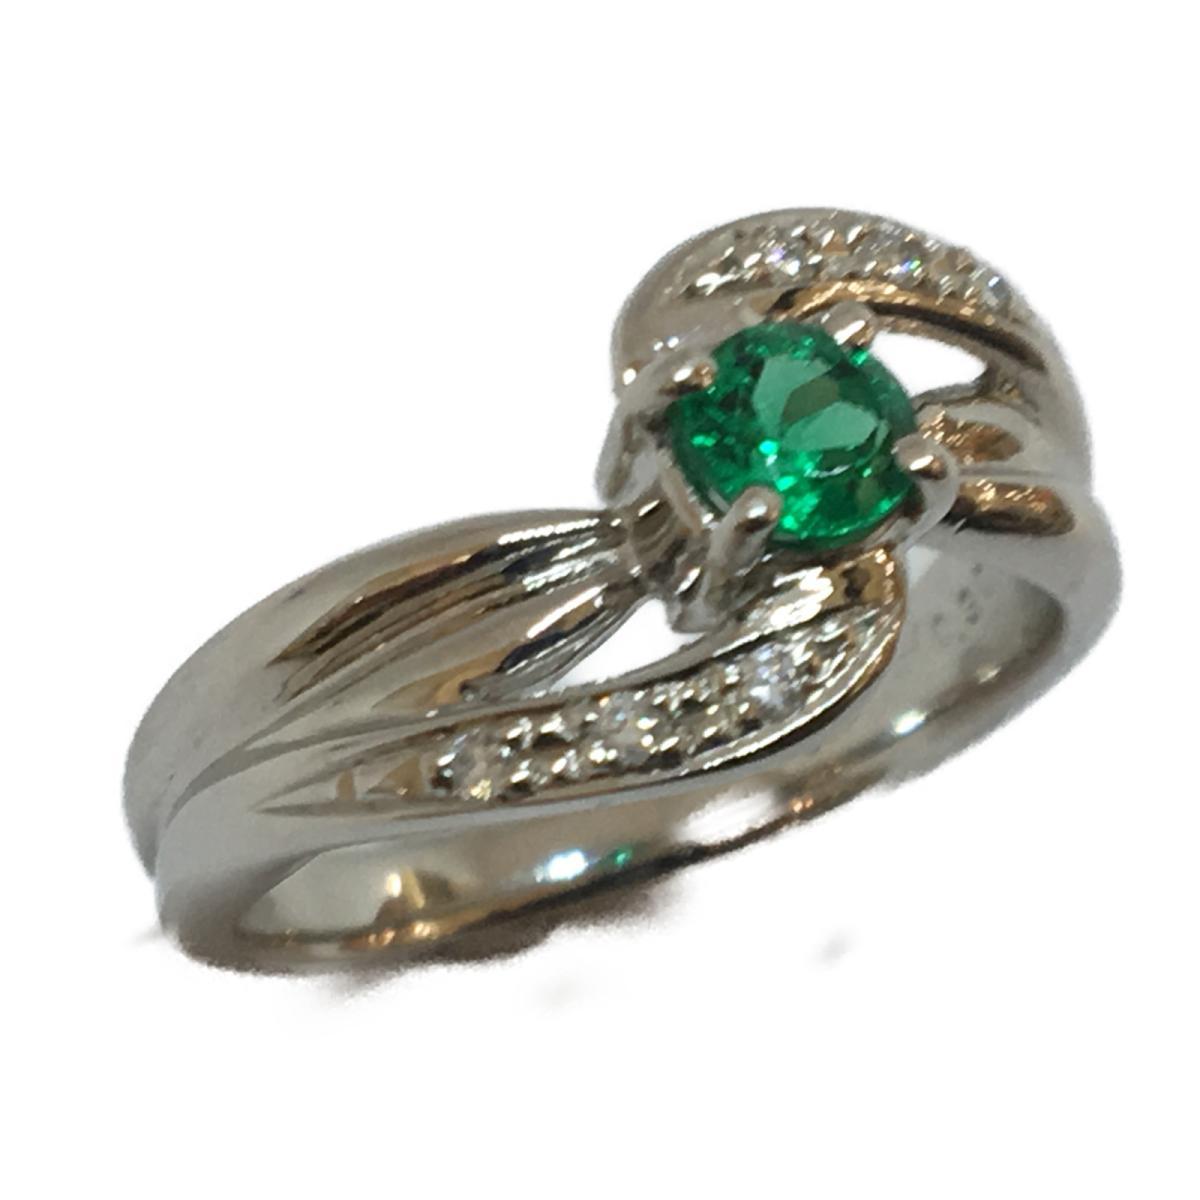 JEWELRY 貴金属・宝石  ジュエリー エメラルド ダイヤモンド リング 指輪 11号